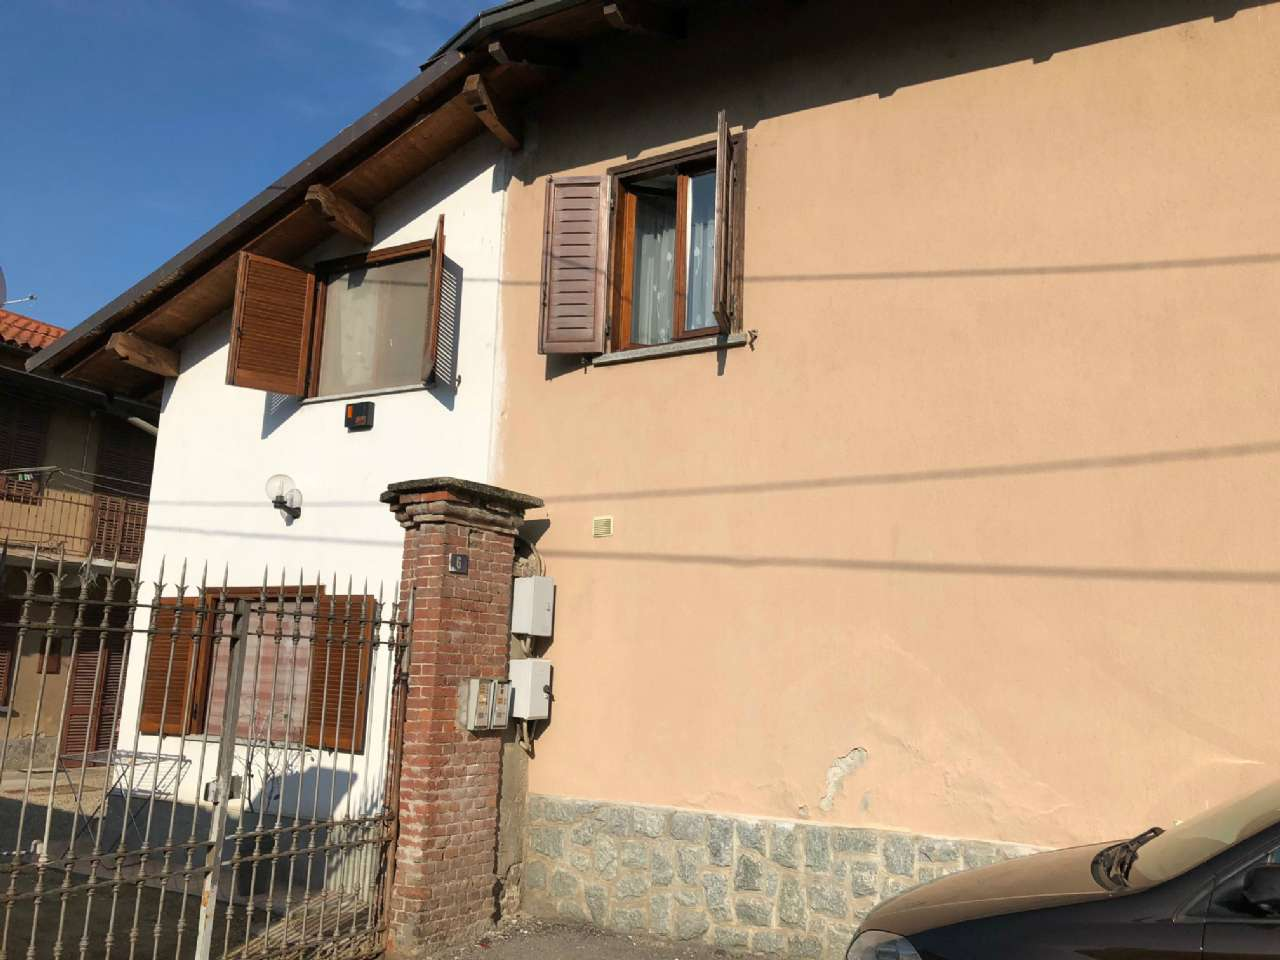 Villetta a Schiera in vendita vicolo san rocco 6 Venaria Reale